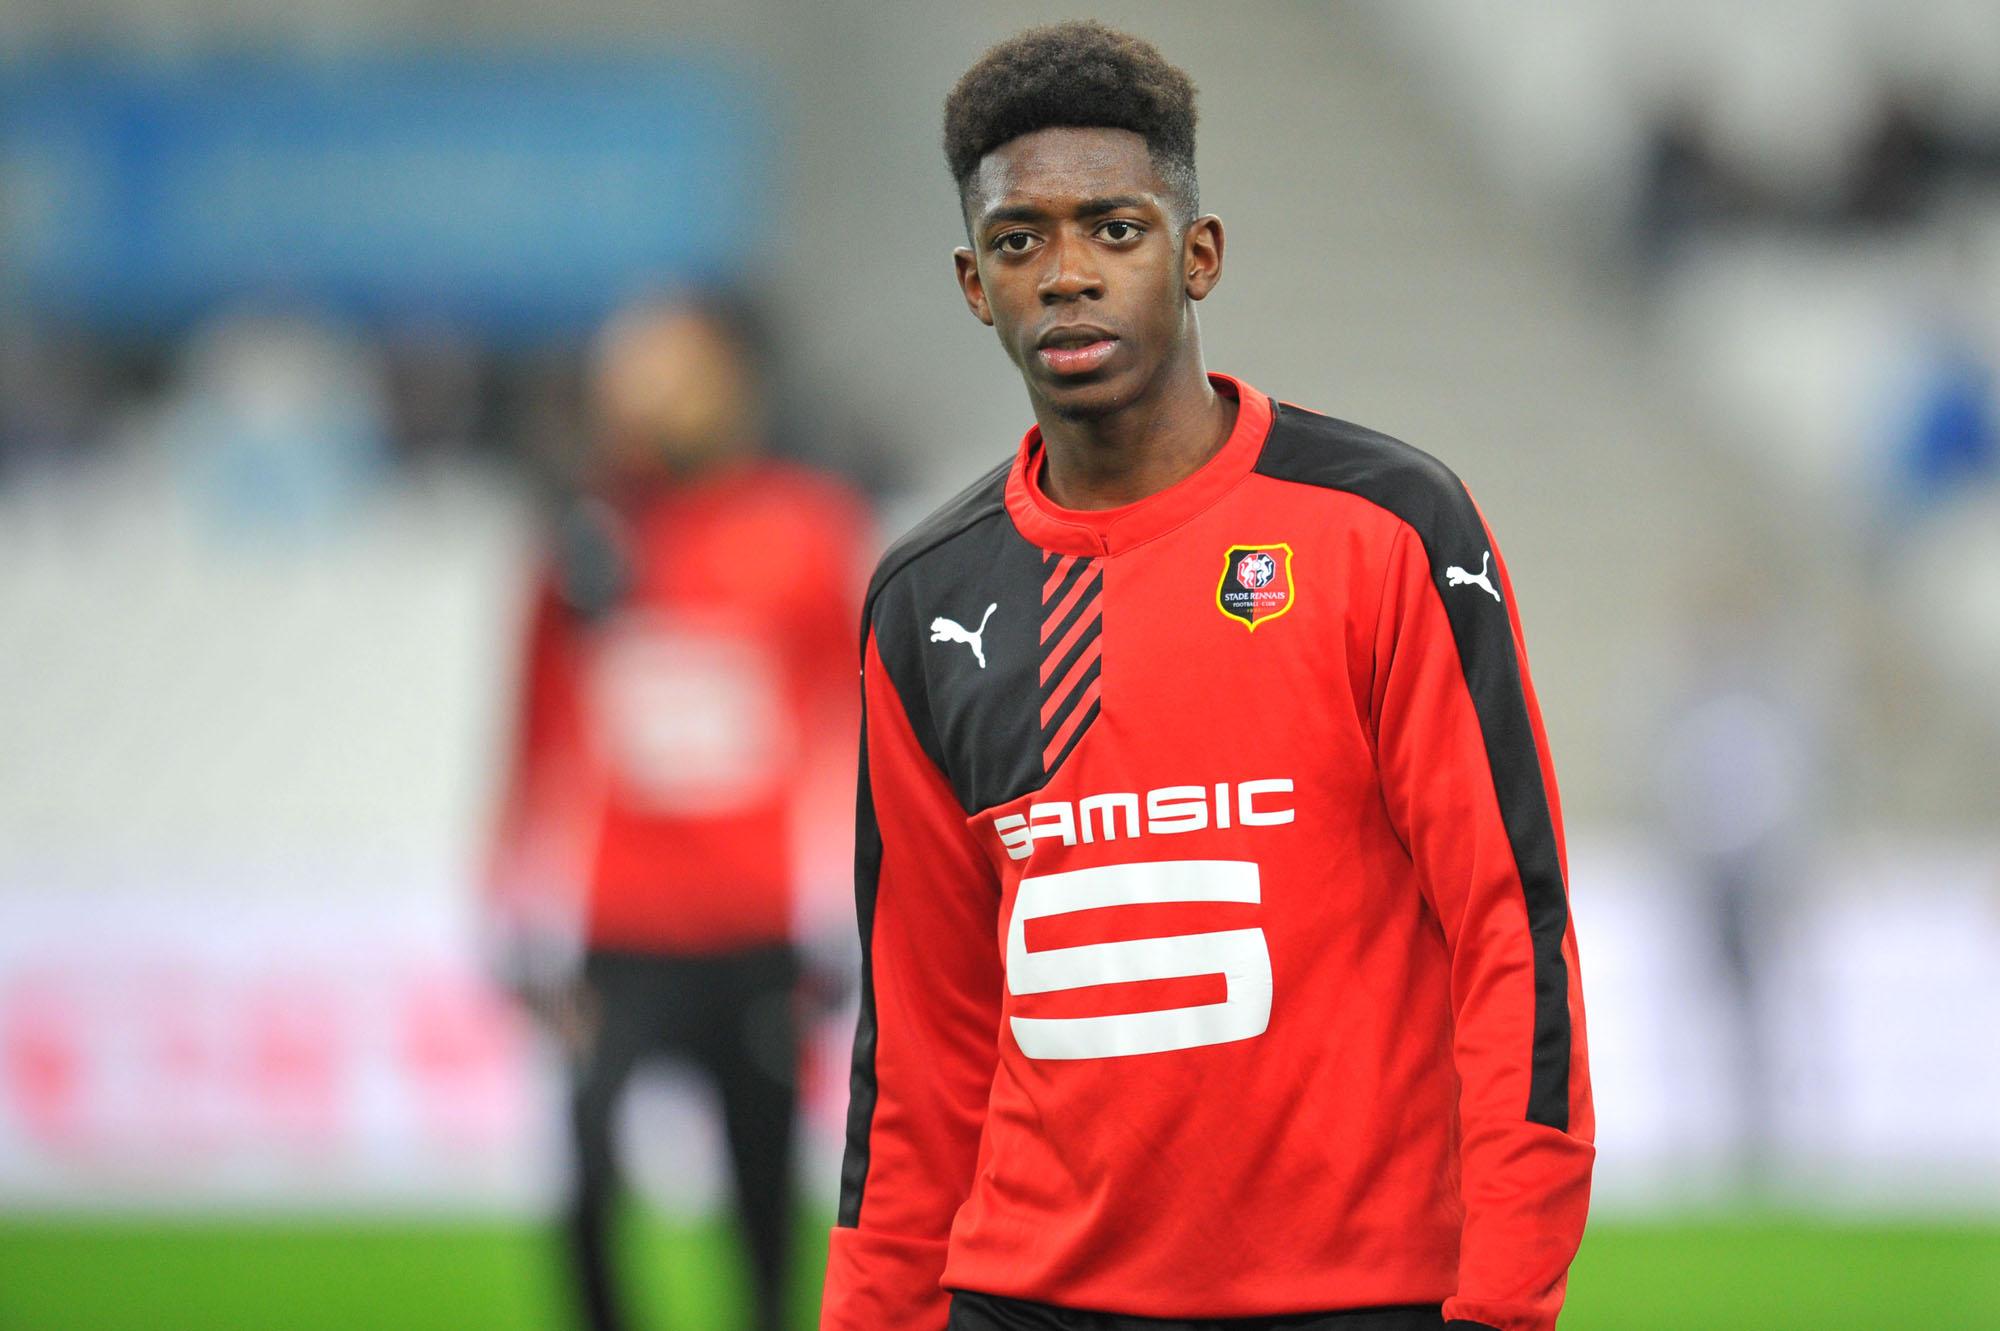 Les premiers mots d Ousmane Dembélé au Borussia Dortmund